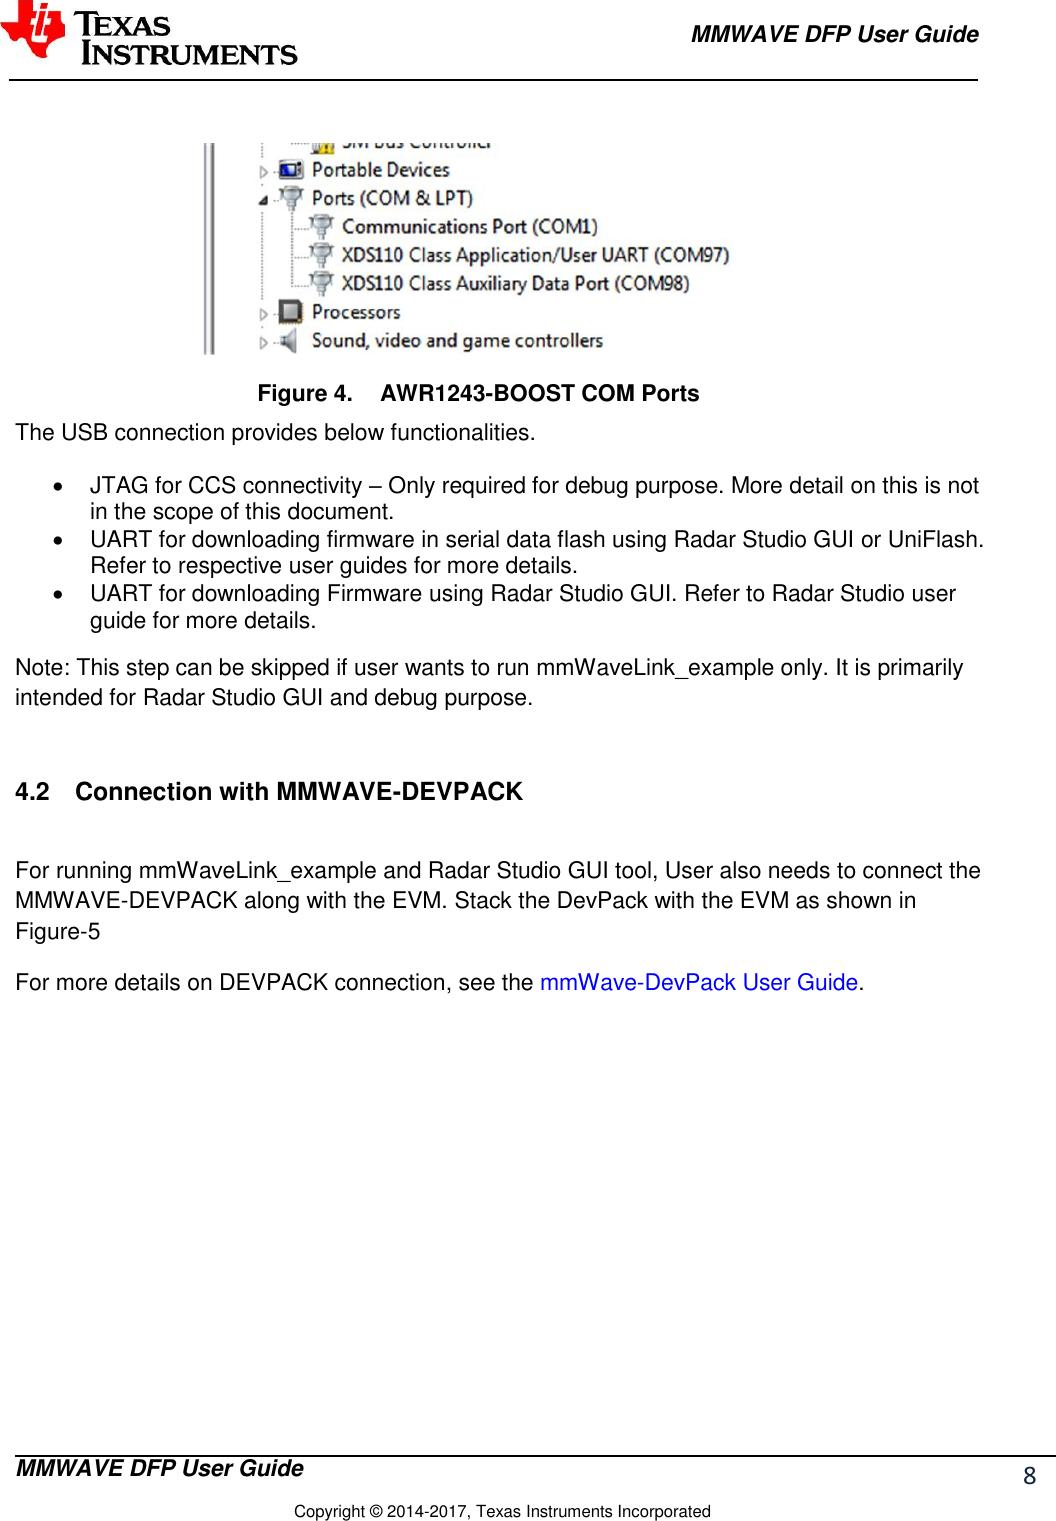 Mmwave Dfp User Guide